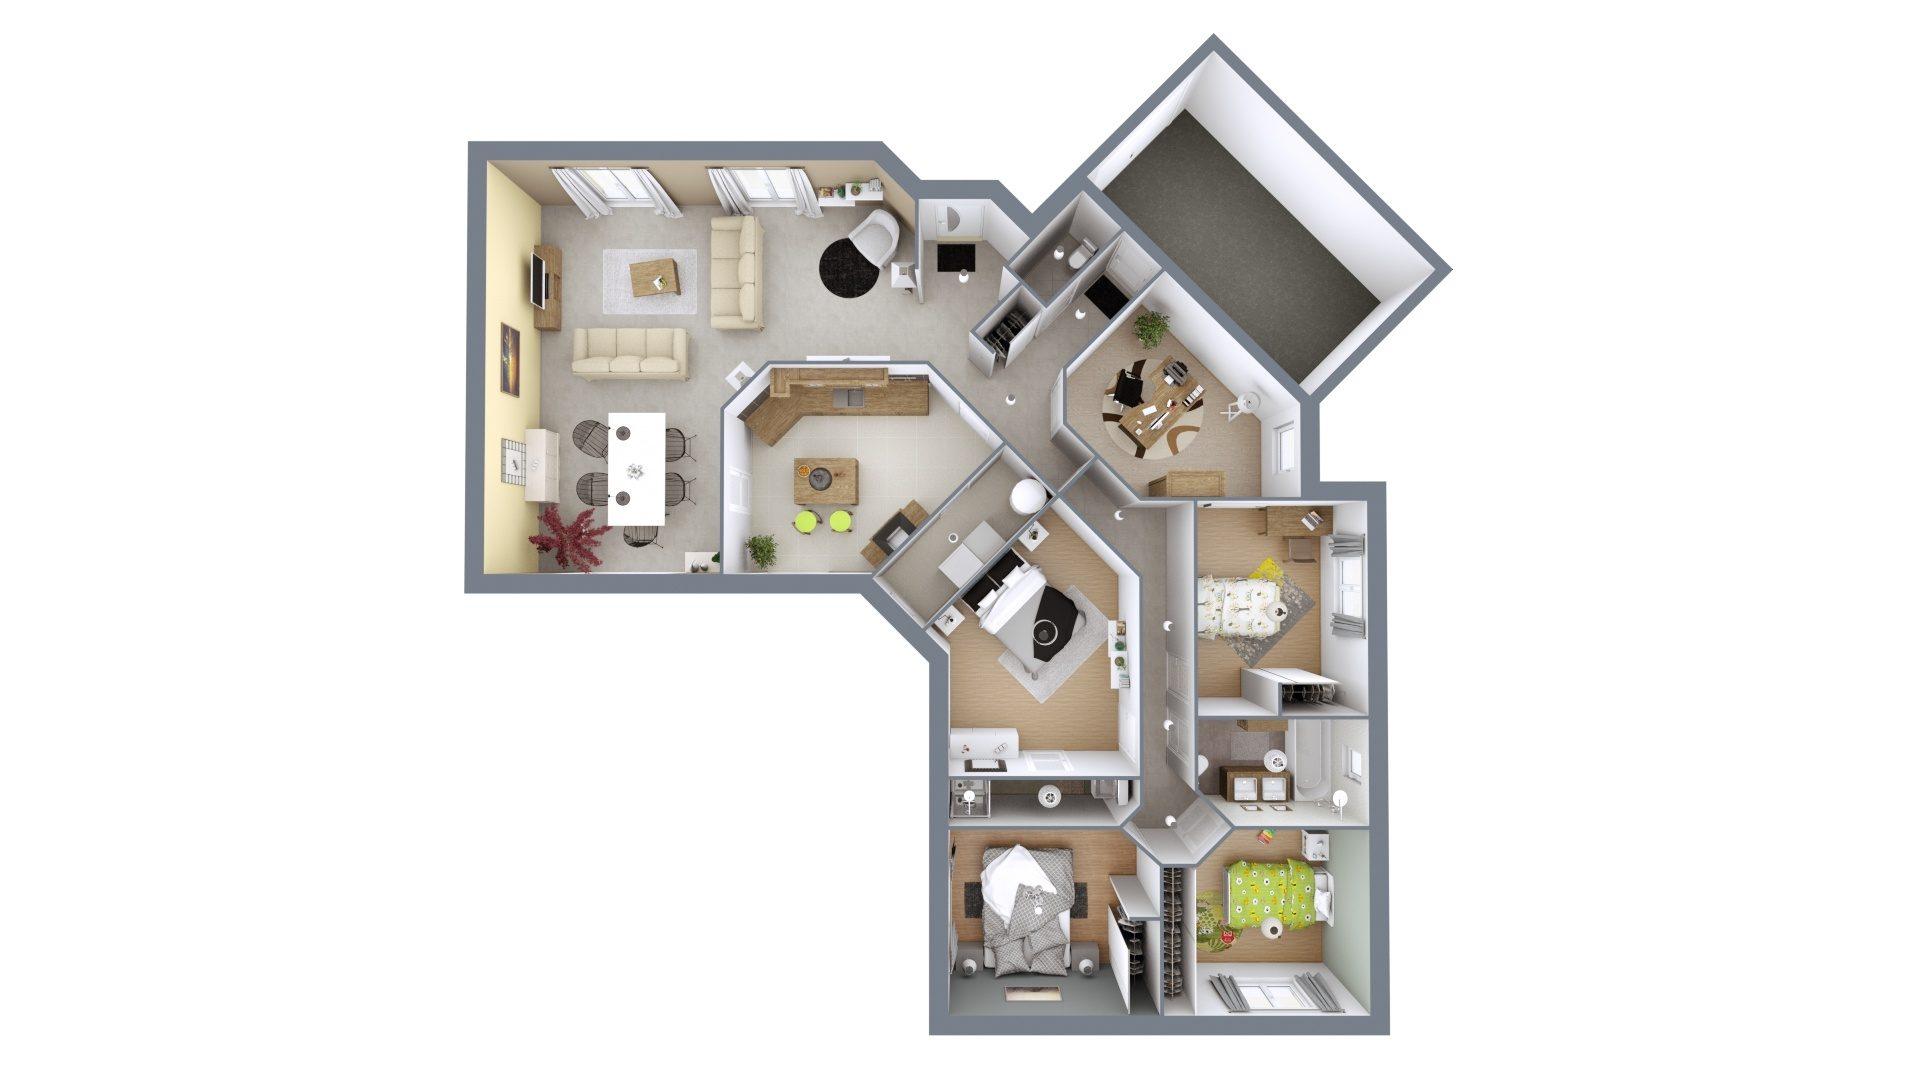 Mod Ef Bf Bdle De Maison Dans Le Plan Maison 3d Baticonfort